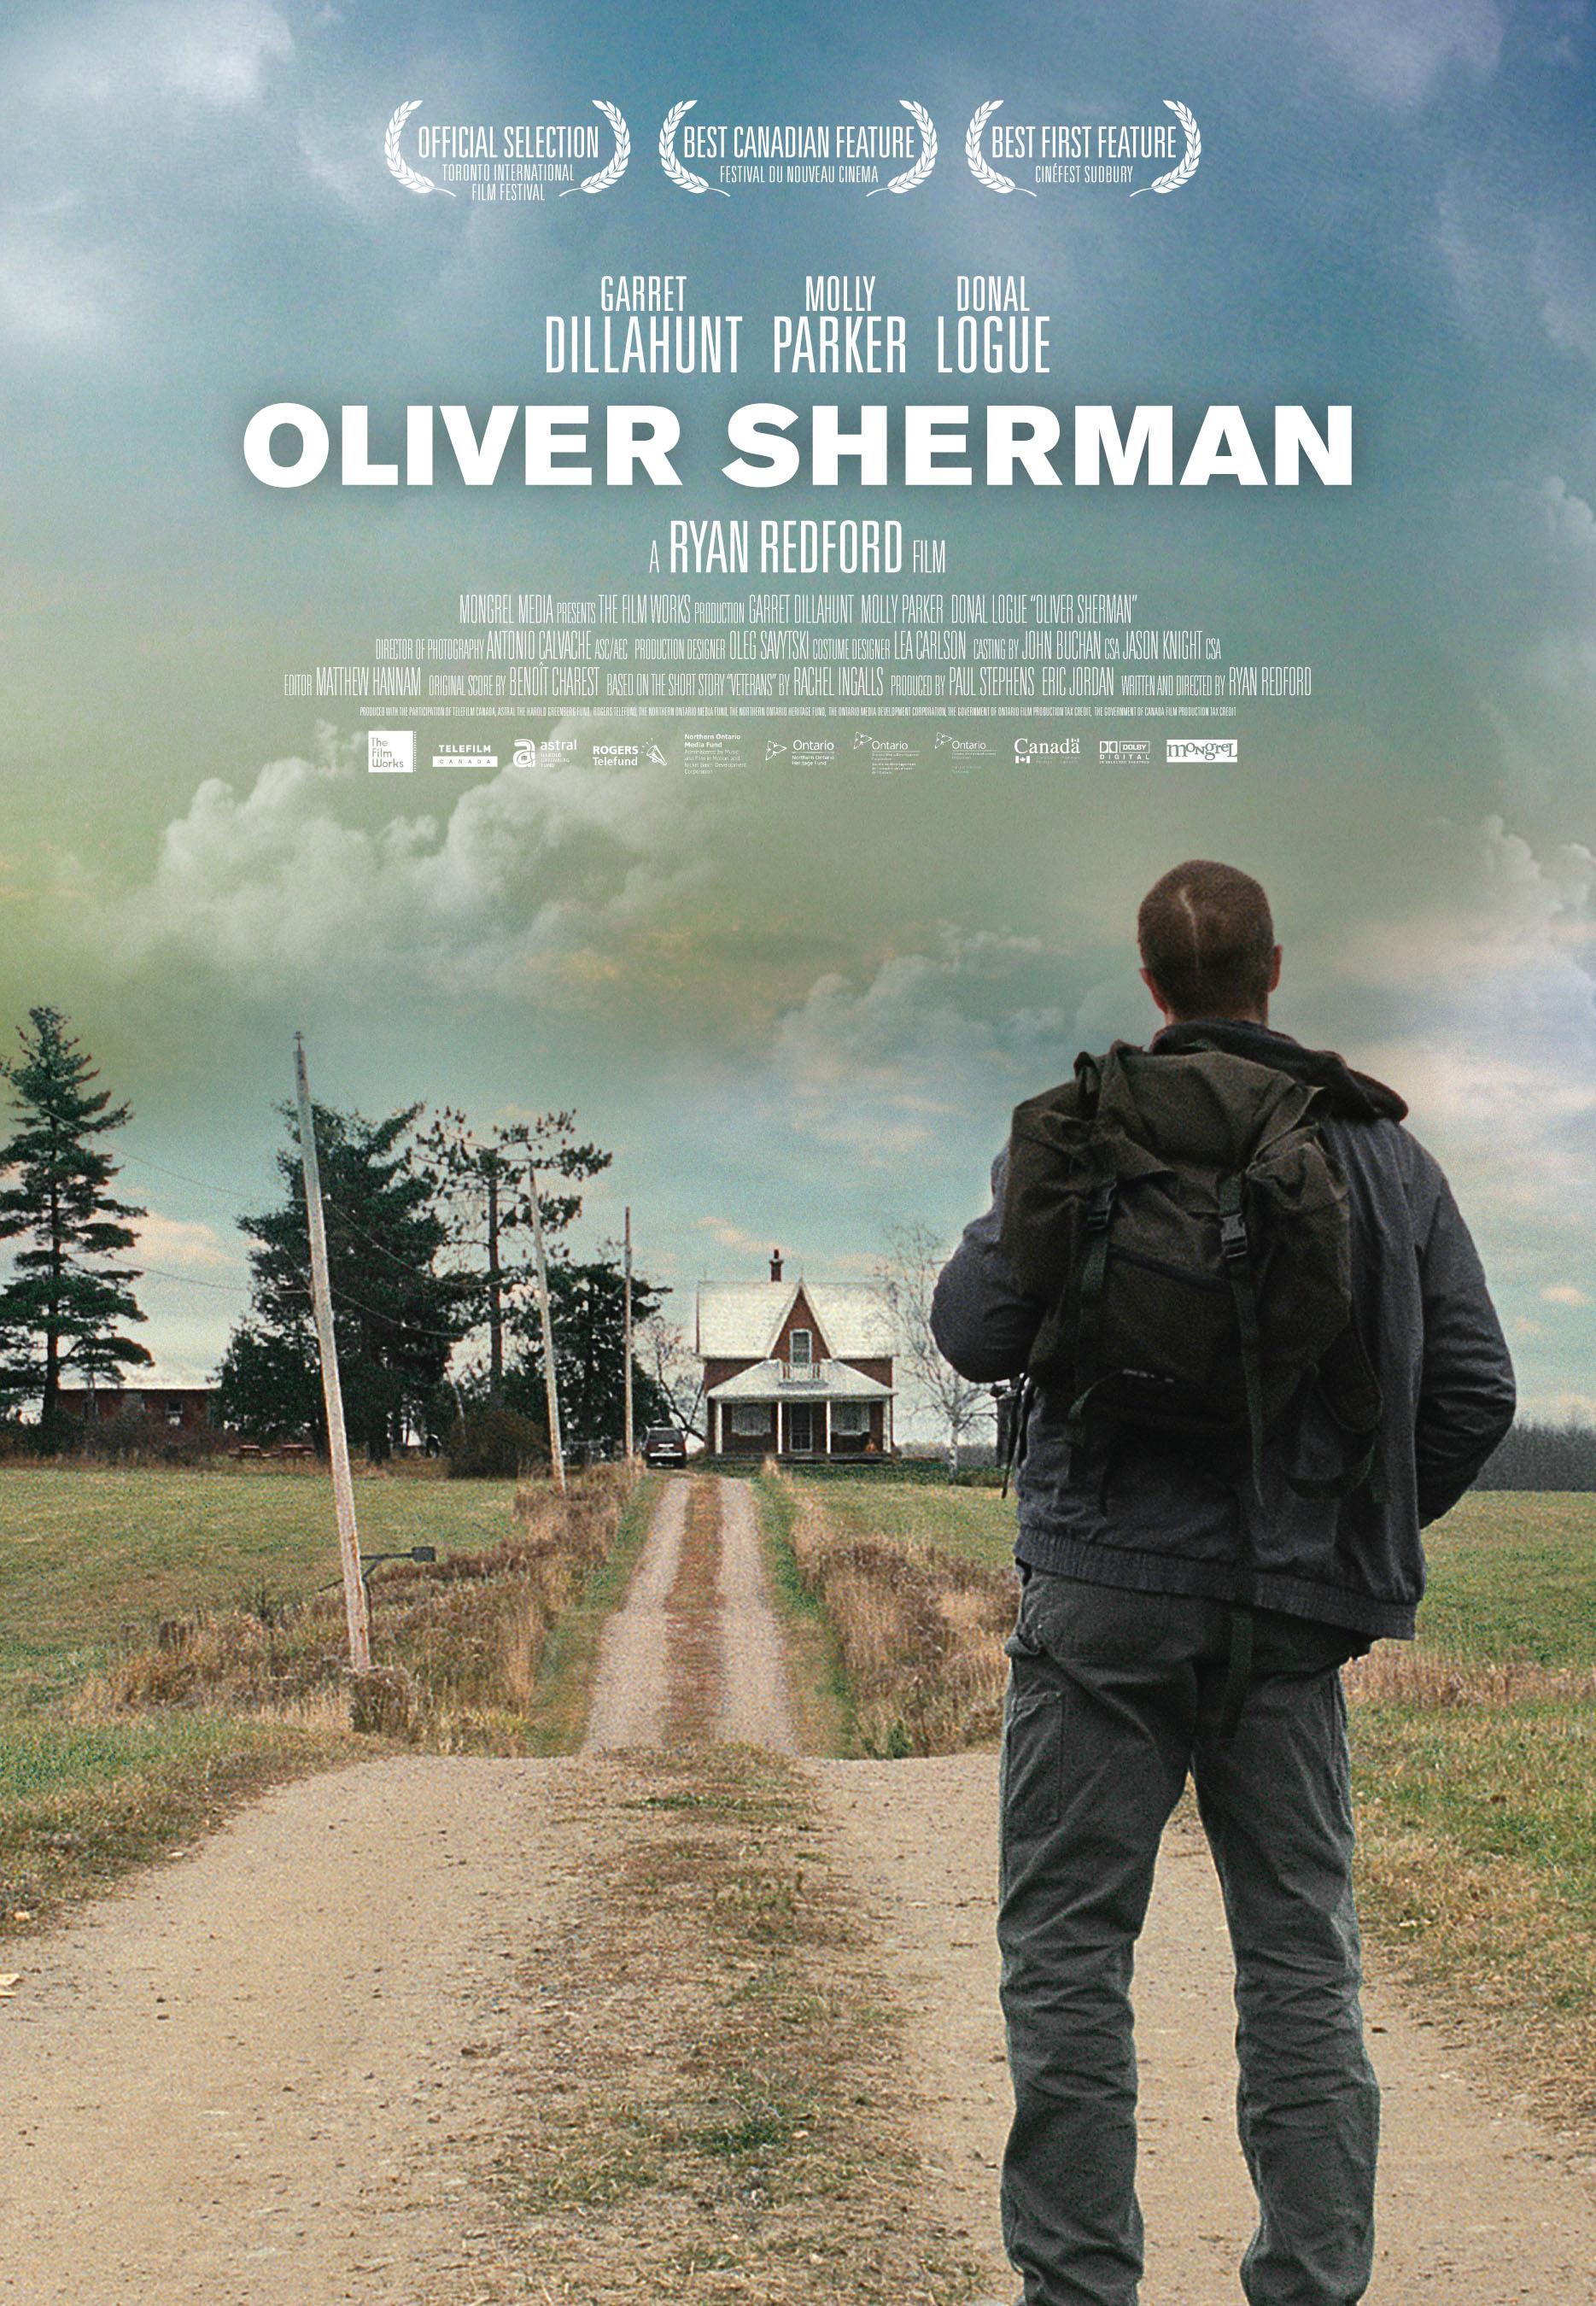 Oliver Sherman,poster,Garret Dillahunt